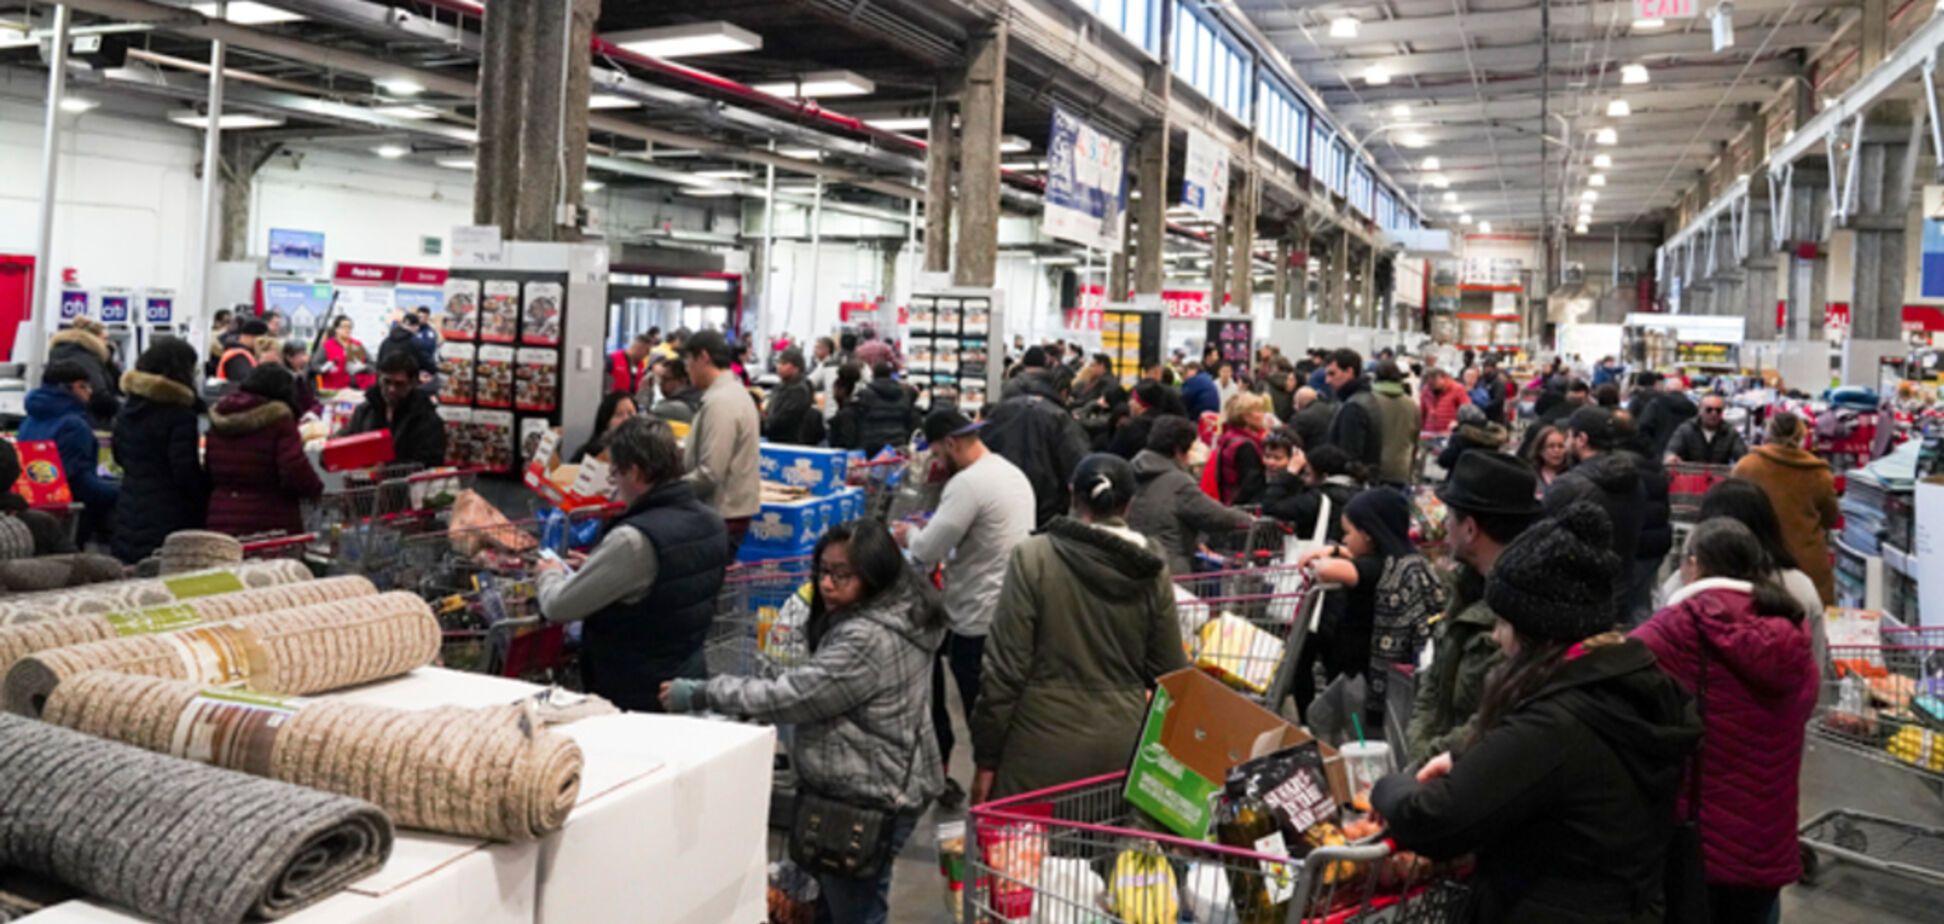 Американцы массово скупают оружие и дерутся в магазине из-за продуктов